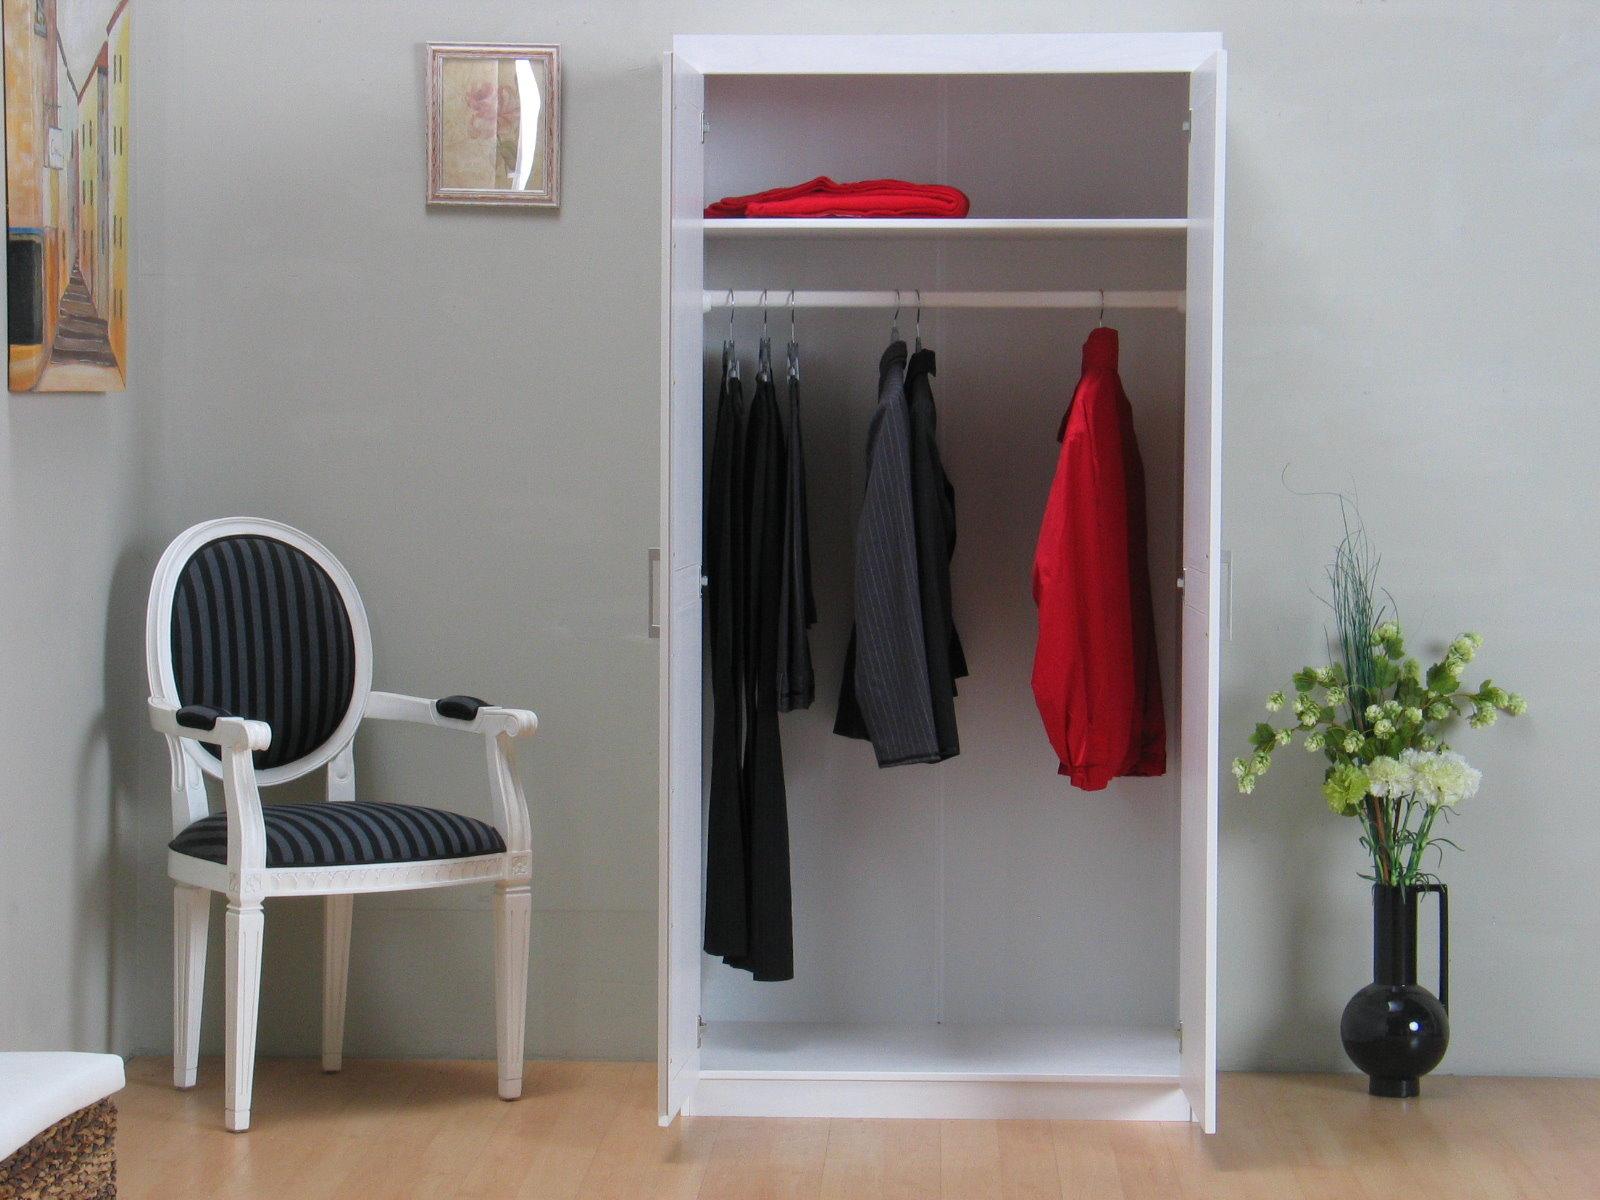 2 trg kleiderschrank hakon schlafzimmerschrank fl gelt renschrank massiv wei m bel wohnen. Black Bedroom Furniture Sets. Home Design Ideas